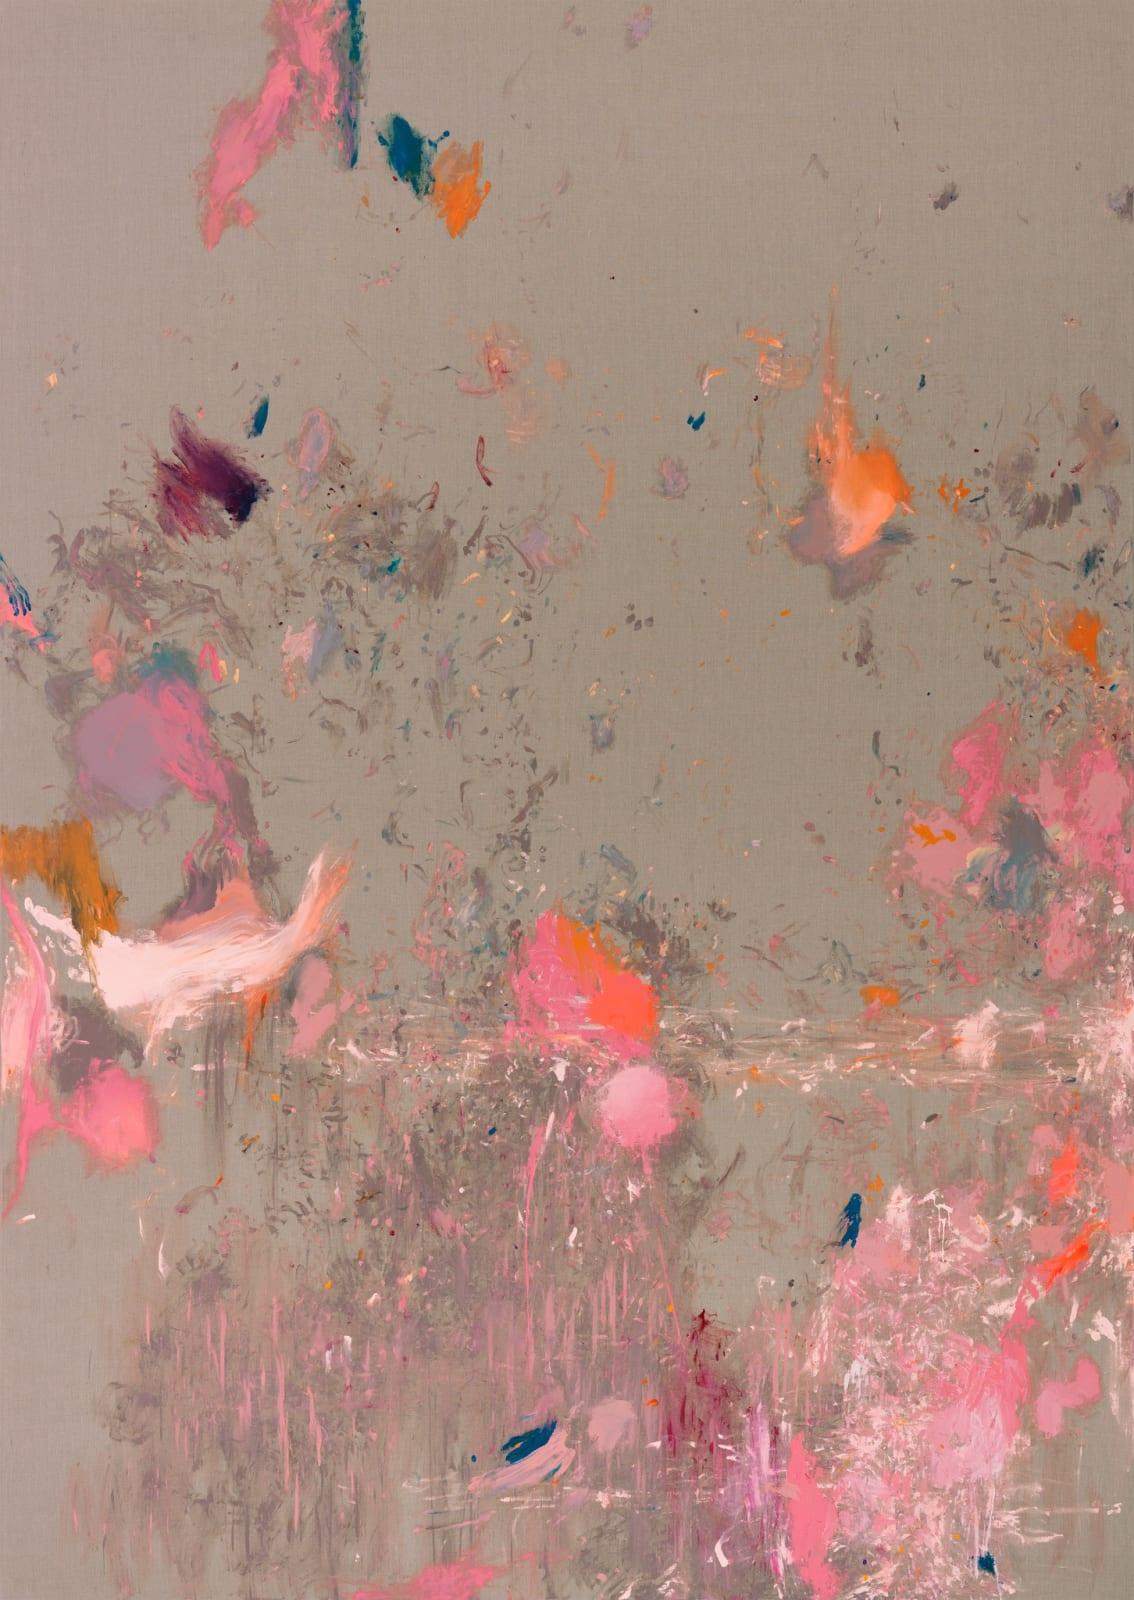 Sandlaufkäfer (DIE BEFREIUNG DER FORM AUS DEM SCHMERZ), 2020 Acrylic and lacquer on Belgian linen 443 x 314 x 4.5 cm | 174 1/2 x 123 2/3 x 1 3/4 in